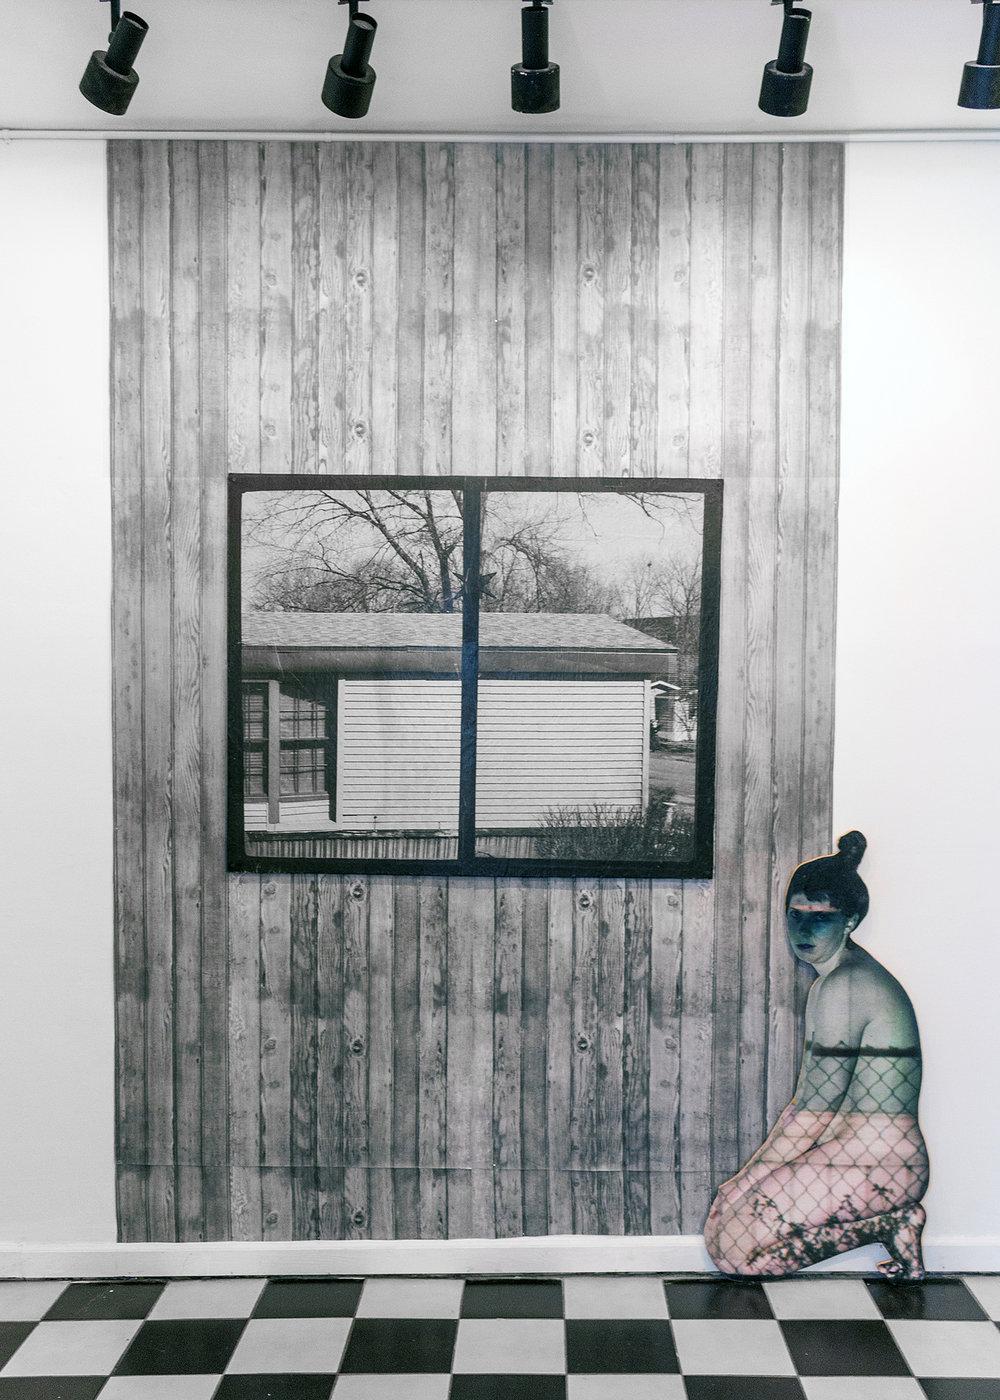 Dining Room Window + Figure (fence)